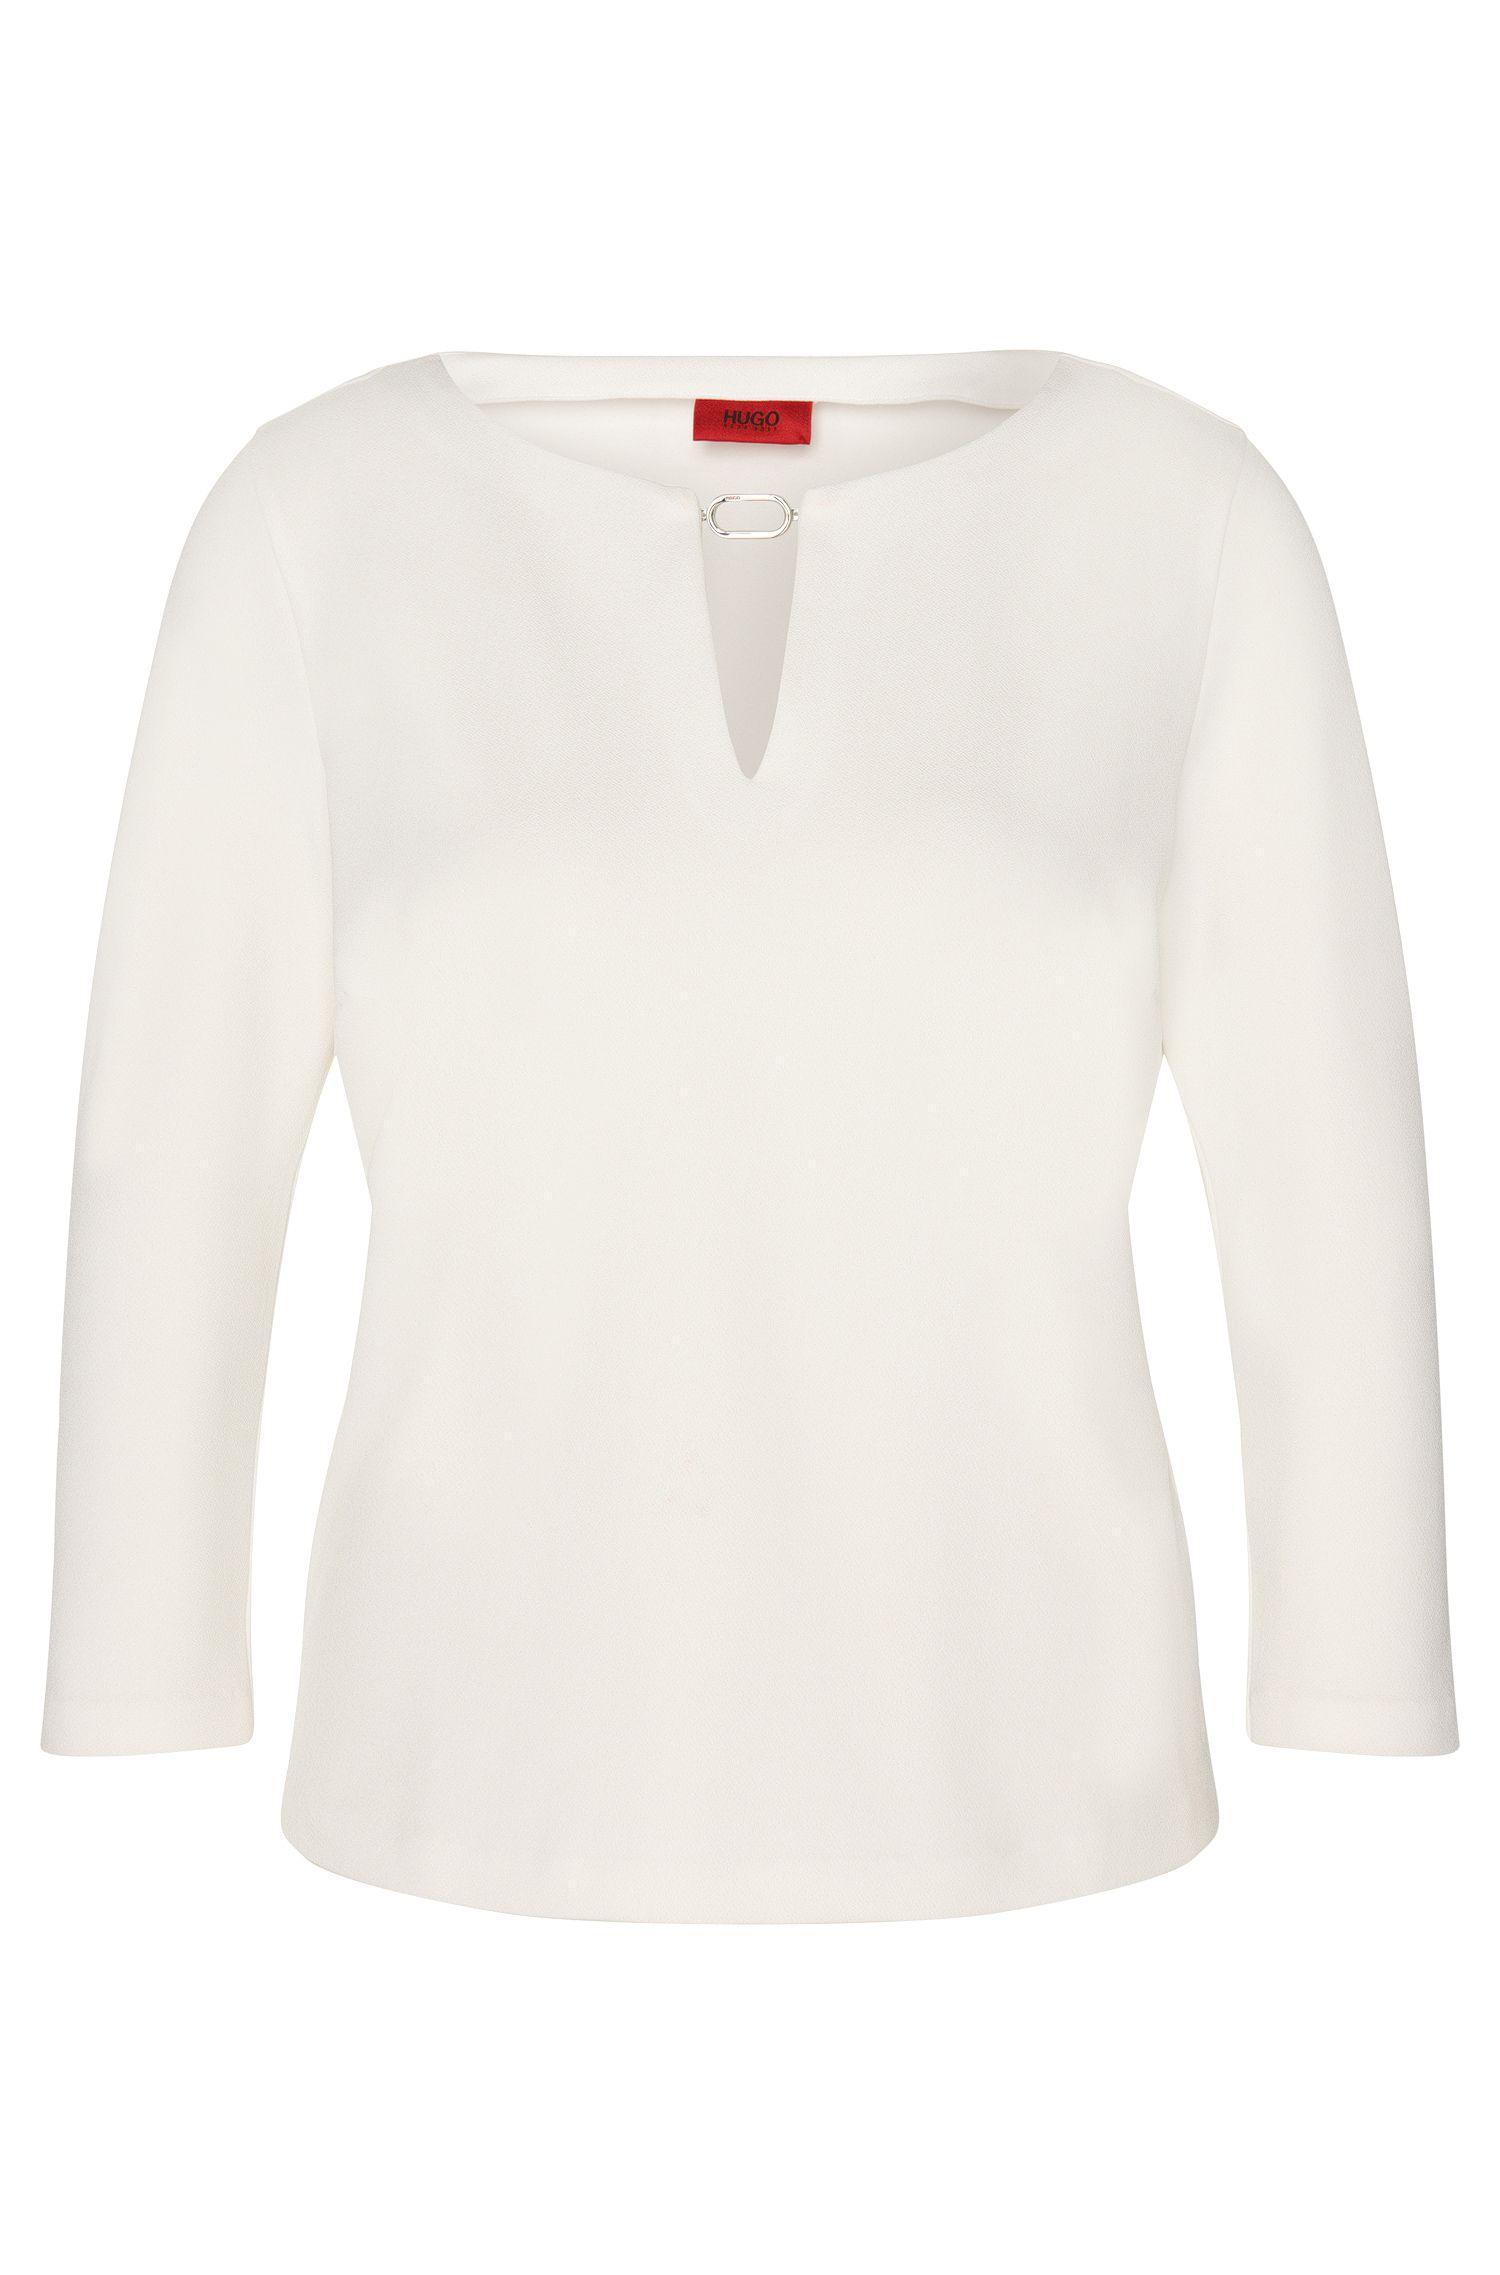 Camiseta con entalladura decorativa y detalle metálico: 'Natha'